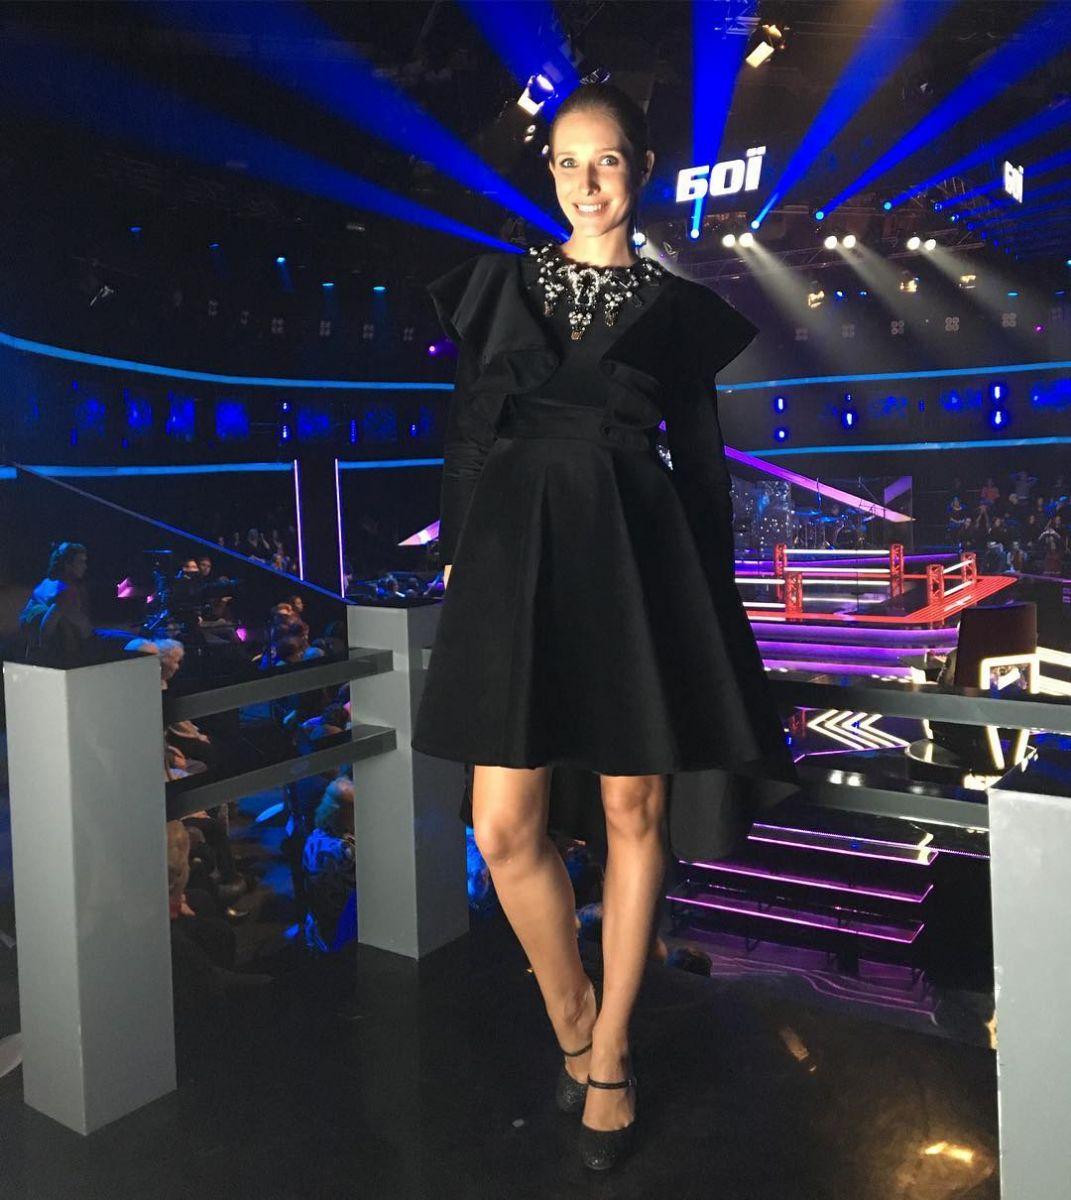 Телеведущая Катя Осадчая блеснула роскошной фигурой после родов